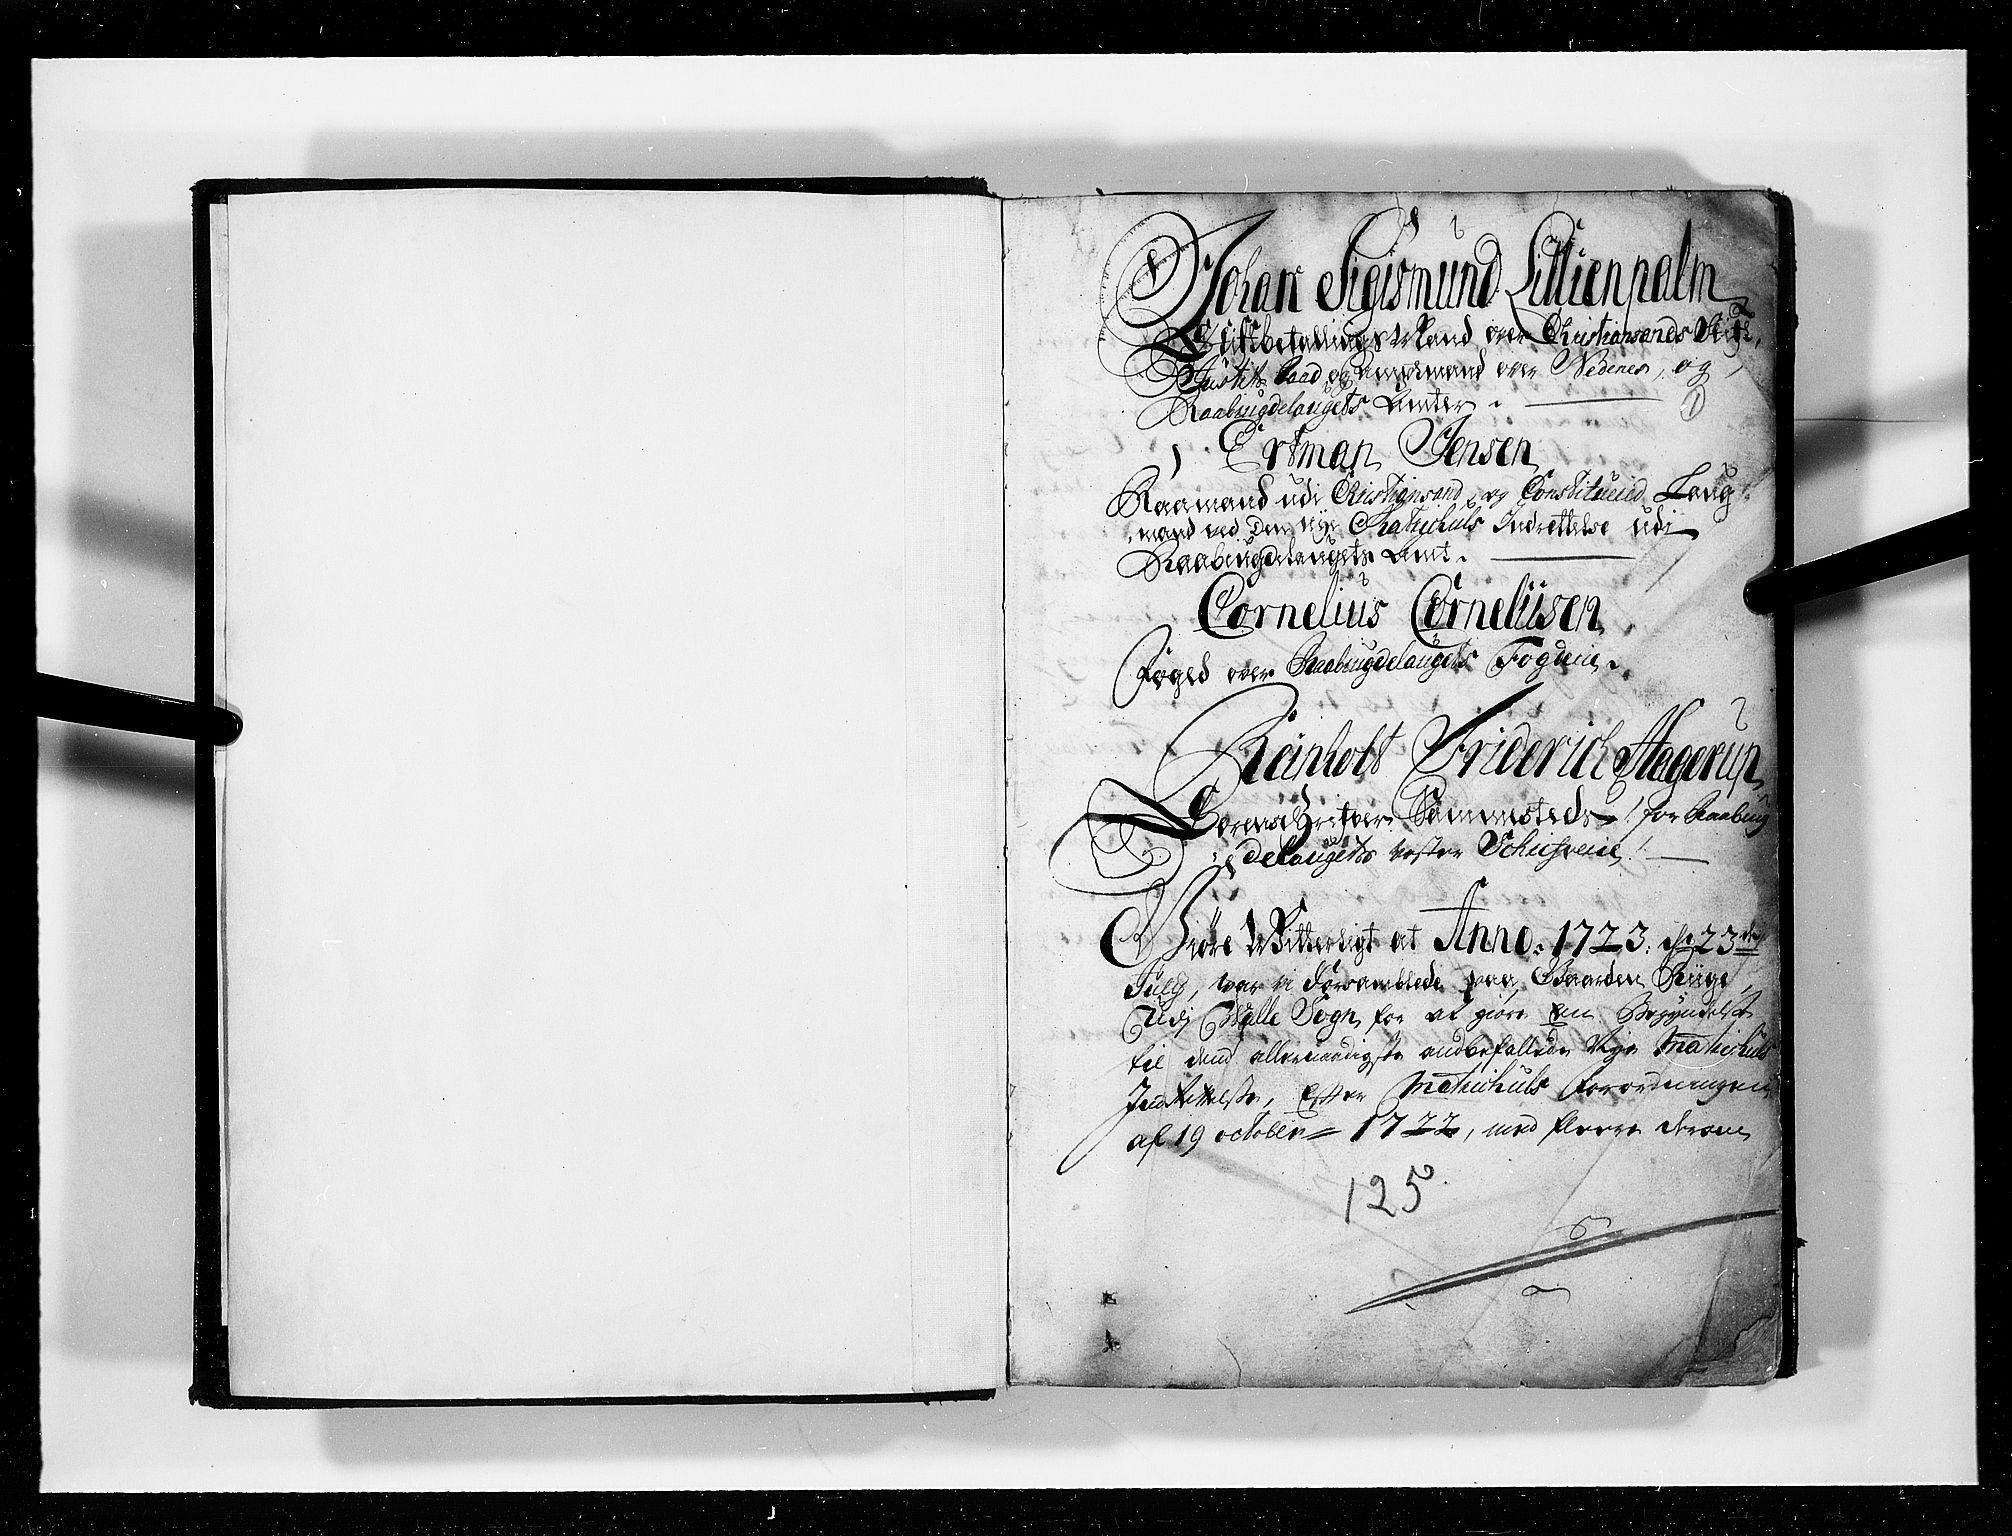 RA, Rentekammeret inntil 1814, Realistisk ordnet avdeling, N/Nb/Nbf/L0125: Råbyggelag eksaminasjonsprotokoll, 1723, s. 1a